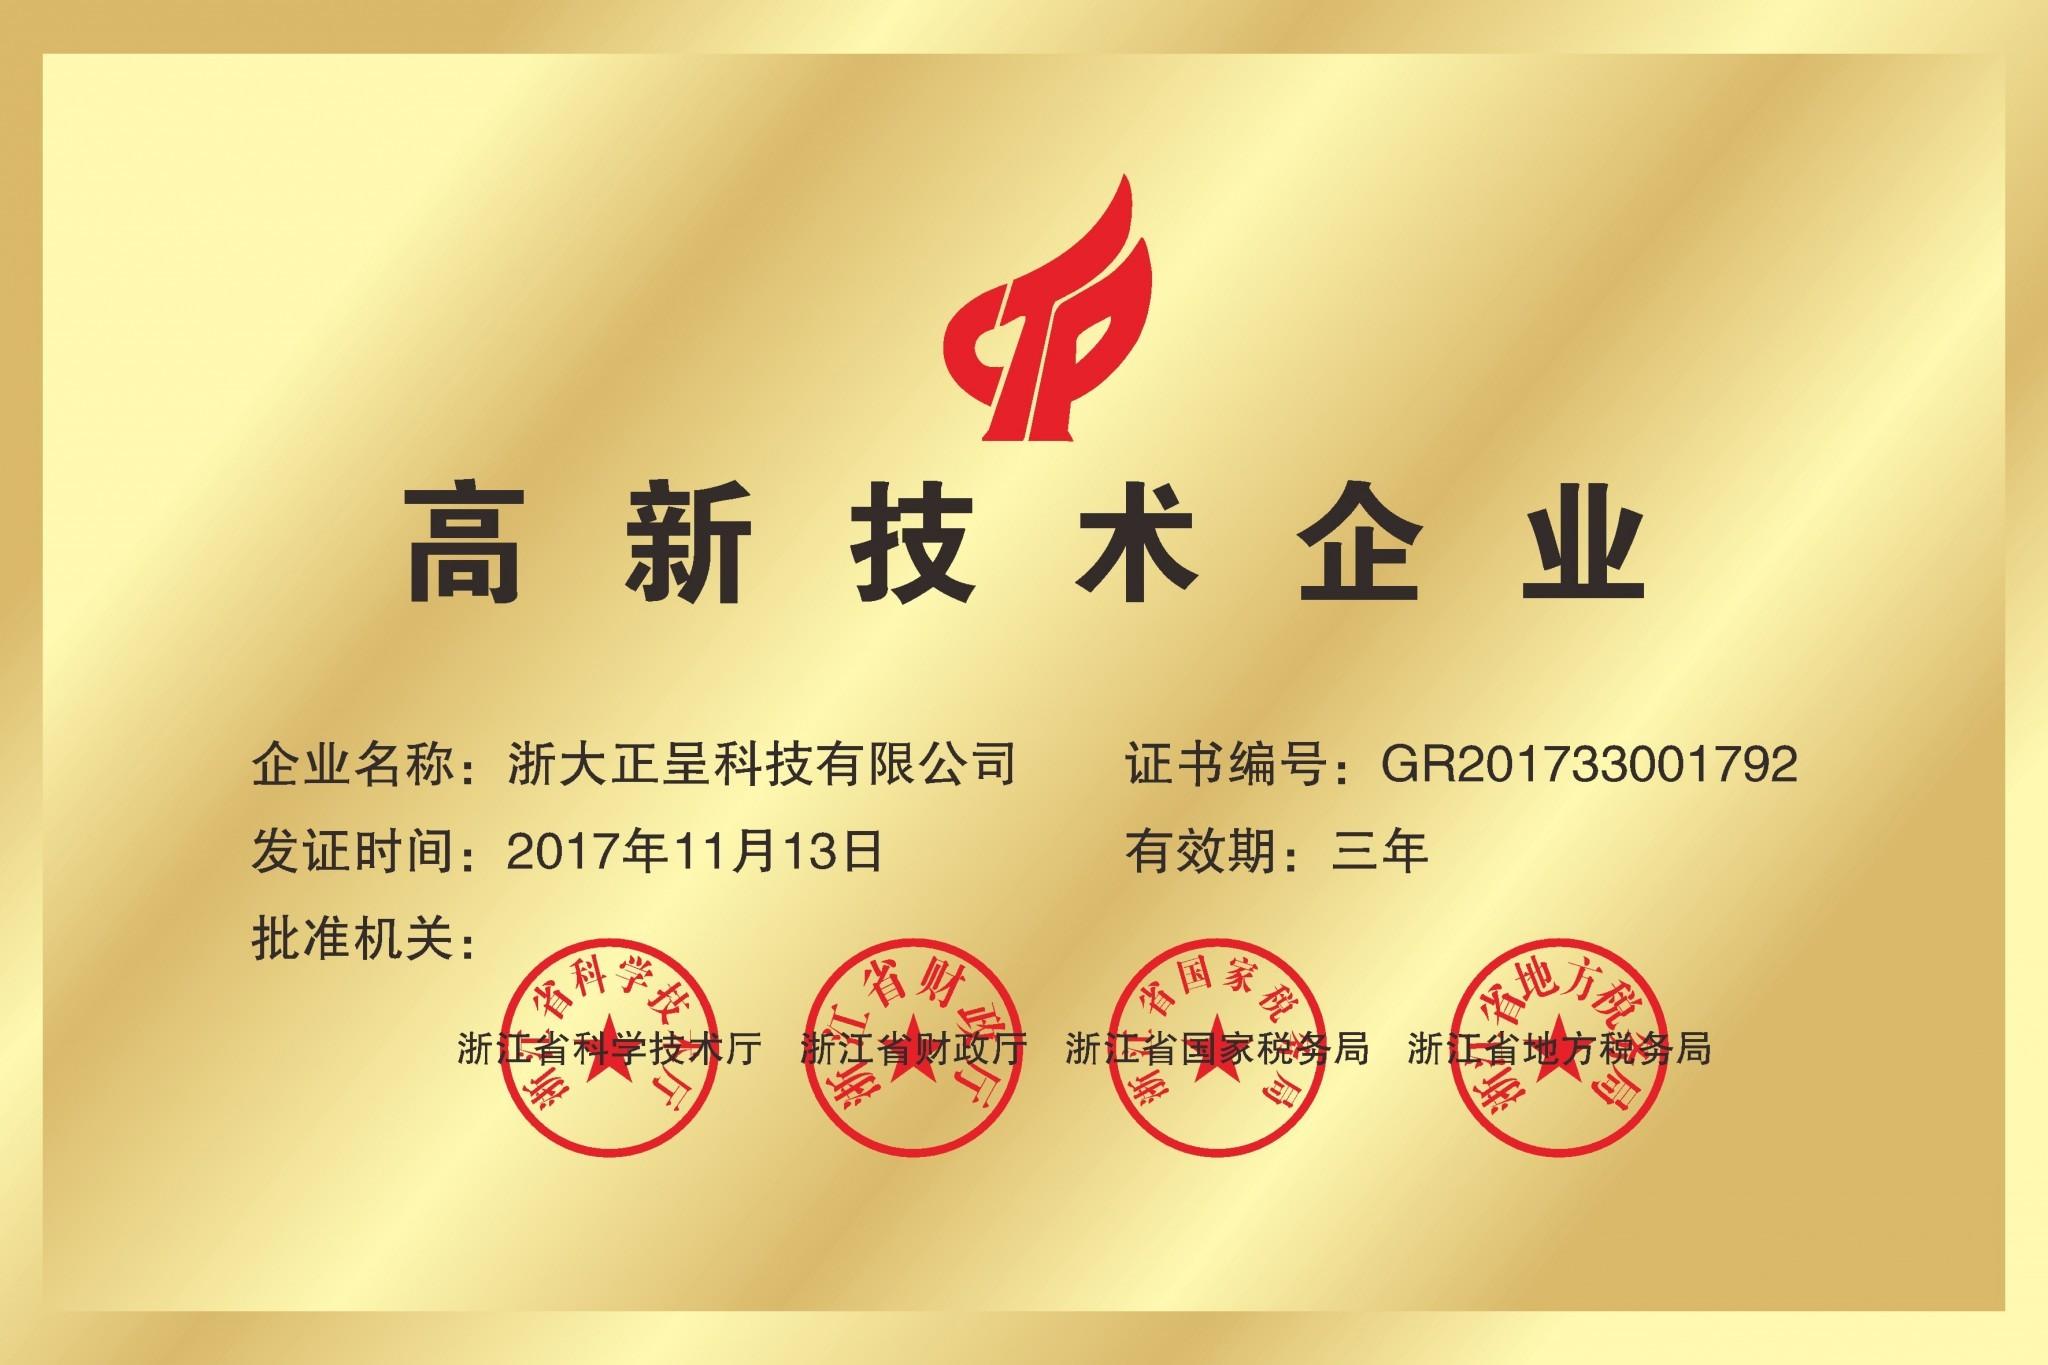 浙大正呈铜板.cdr_0001